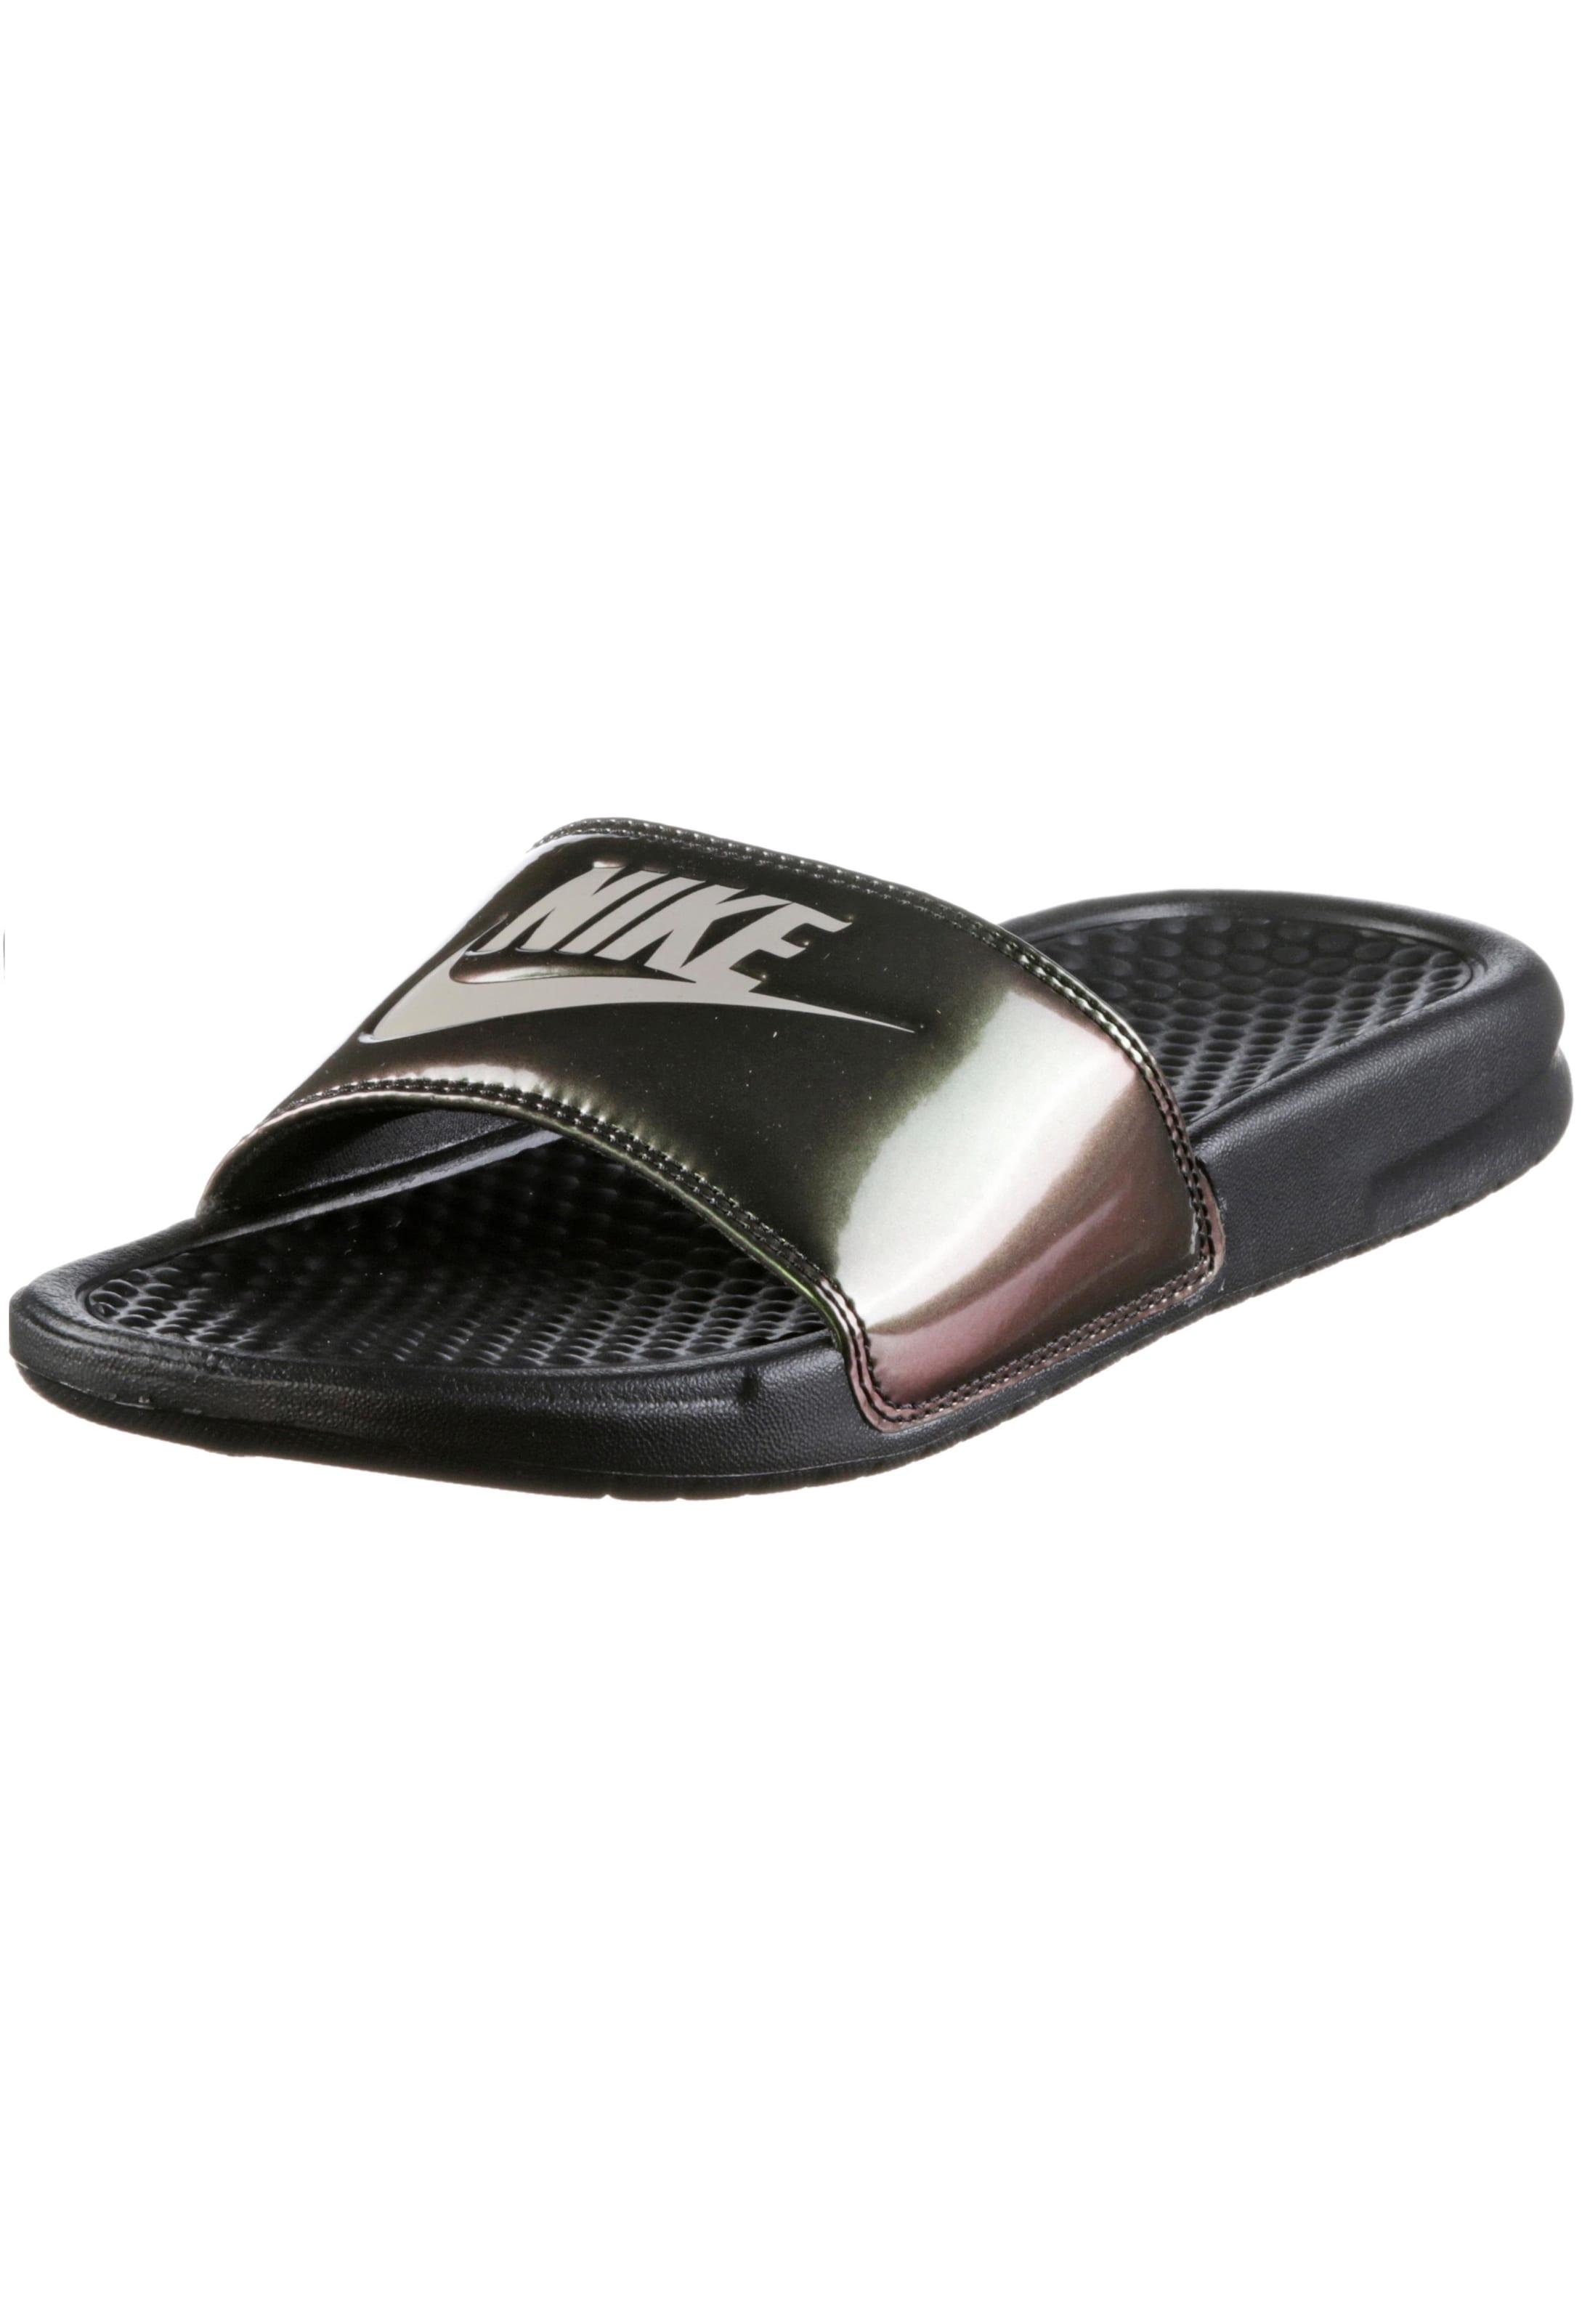 Nike Sportswear 'BENASSI' JDI Sandalen Damen Beeile Dich Günstig Kaufen Geniue Händler Billig Klassisch m4YnH